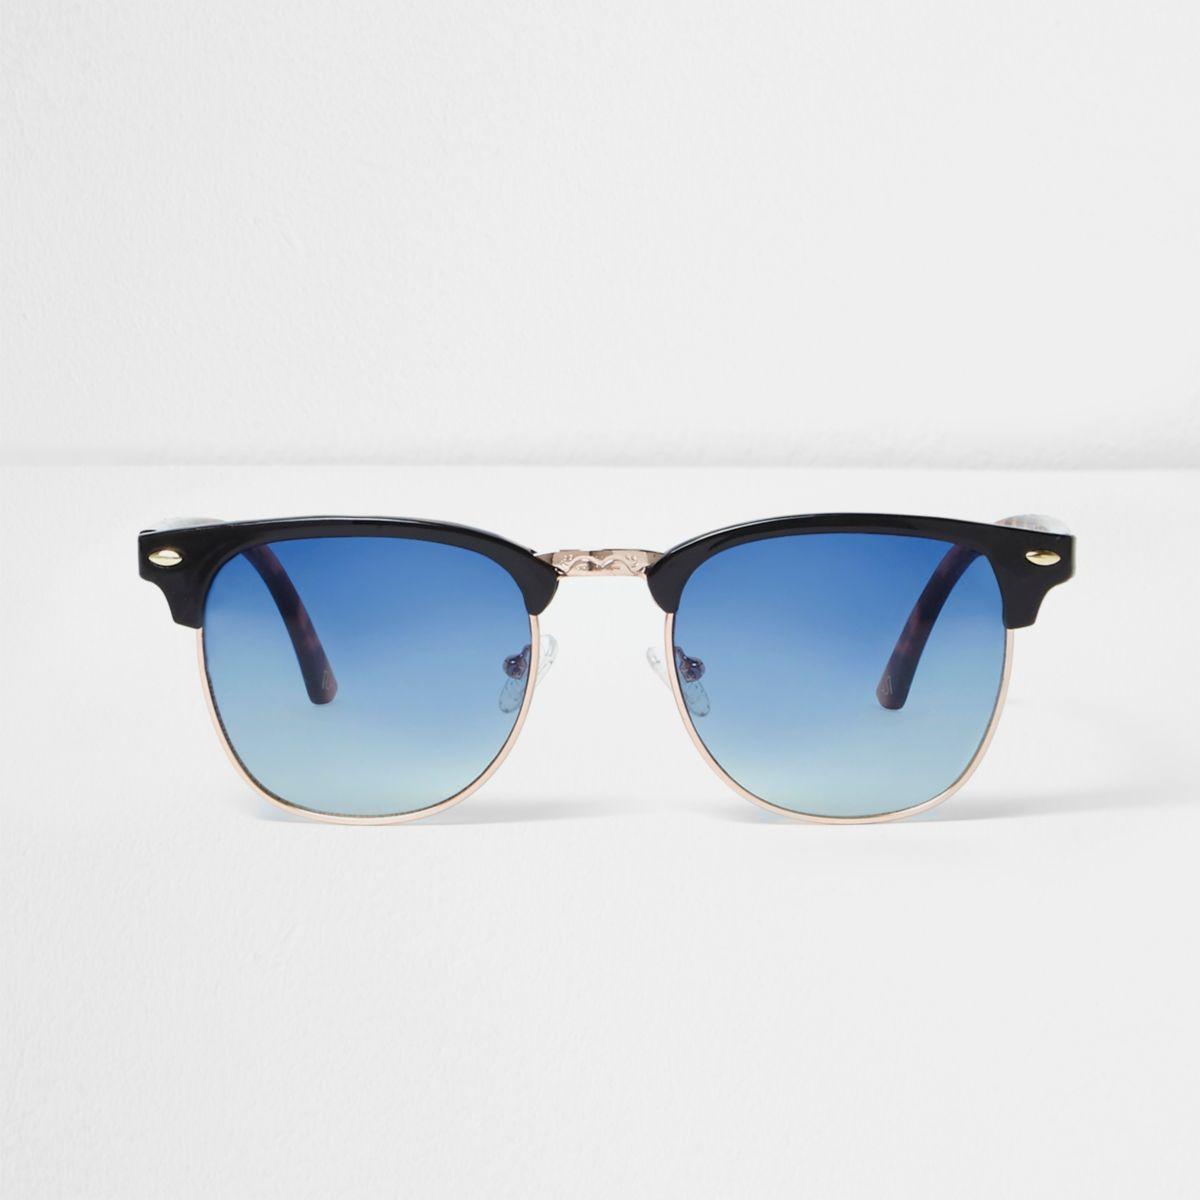 Zwarte retro zonnebril met blauwe glazen